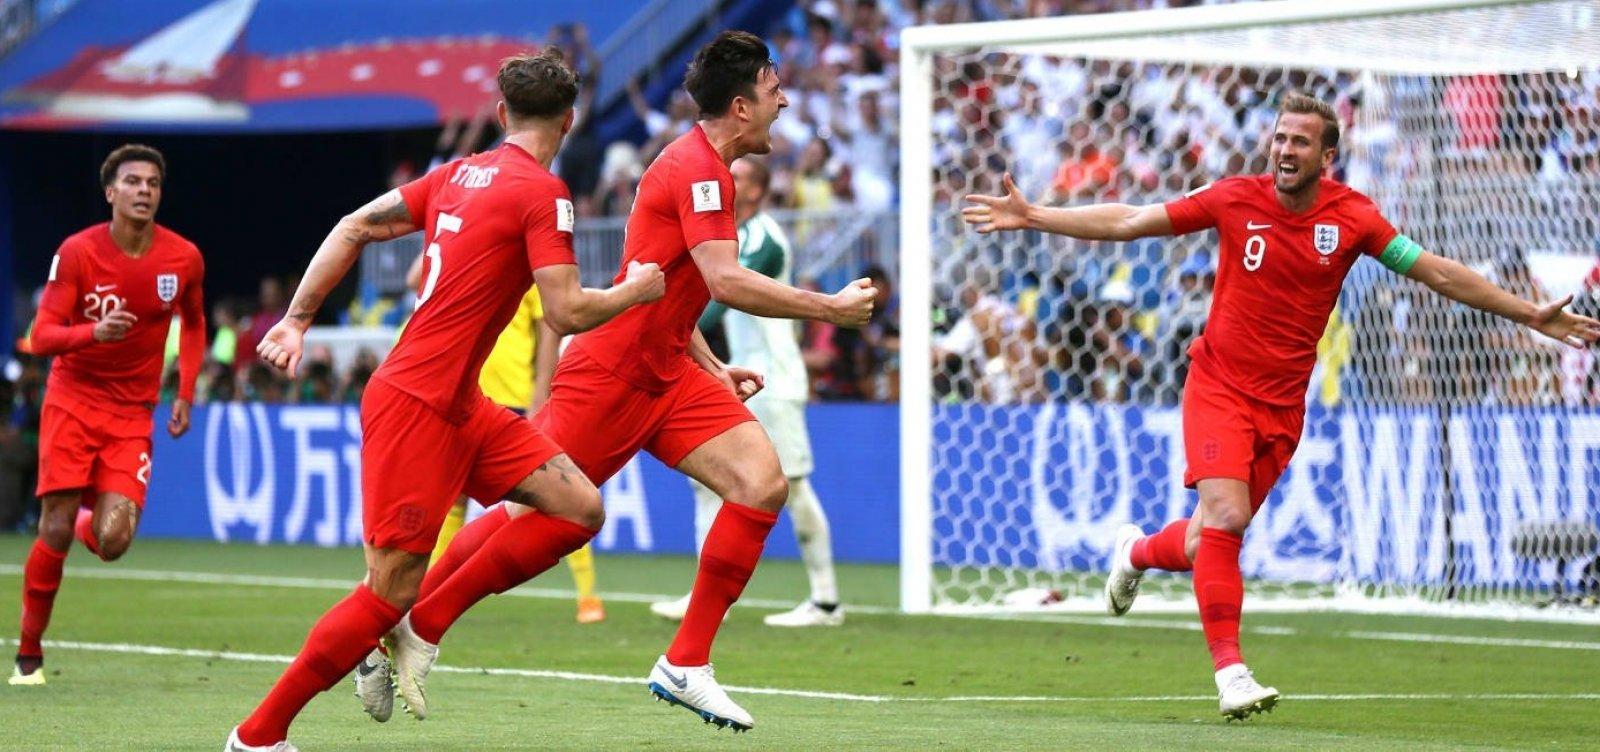 [No alarms and no surprises, Inglaterra vence Suécia e está na semifinal após 28 anos]